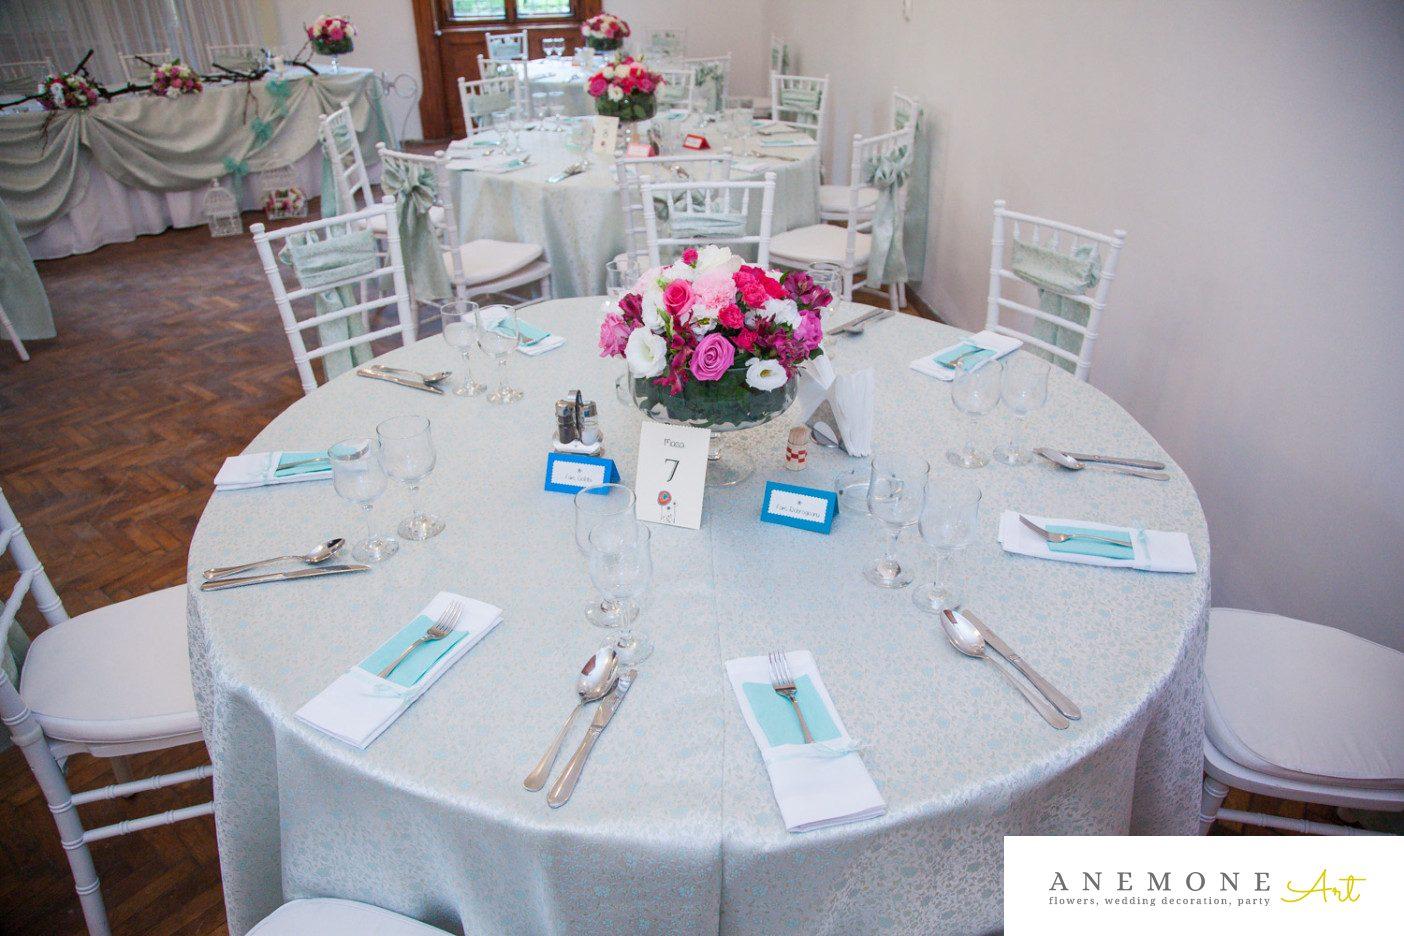 Poza, foto cu Flori de nunta decor masa, roz, ticlam in Arad, Timisoara, Oradea (wedding flowers, bouquets) nunta Arad, Timisoara, Oradea